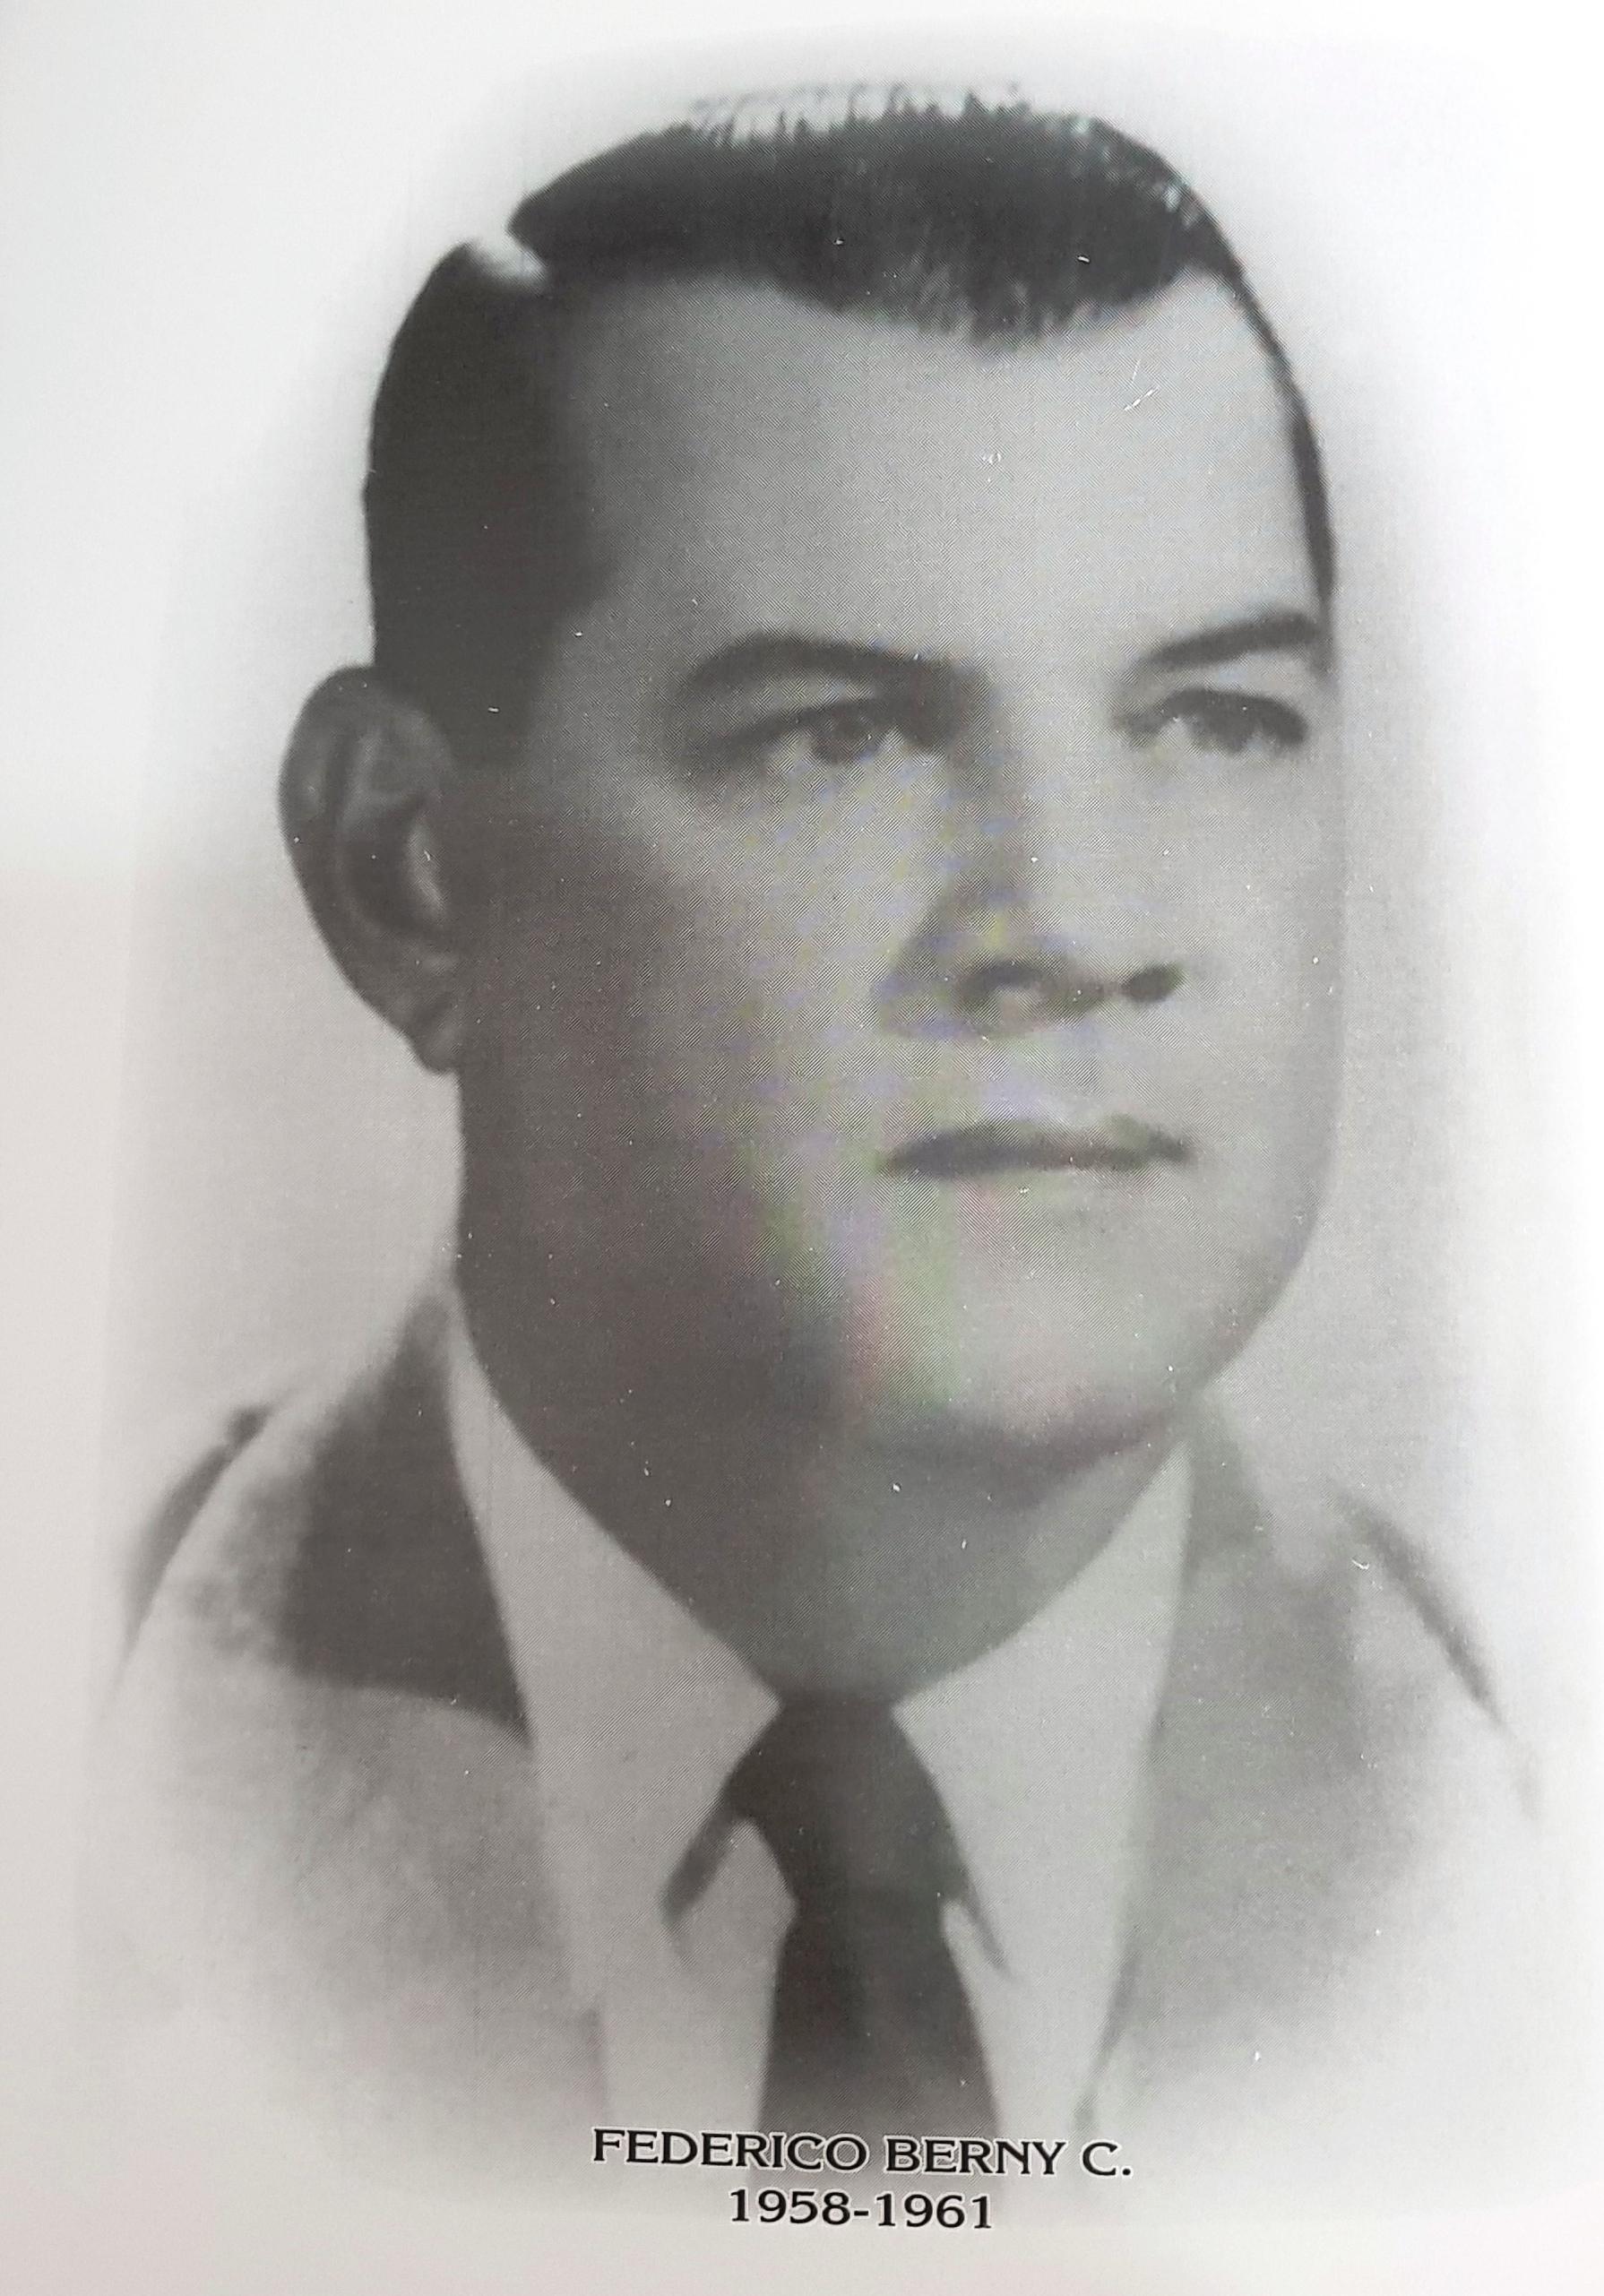 PRESIDENTE DE LA CÁMARA DE COMERCIO DE MÉRIDA SR. FEDERICO BERNY C.